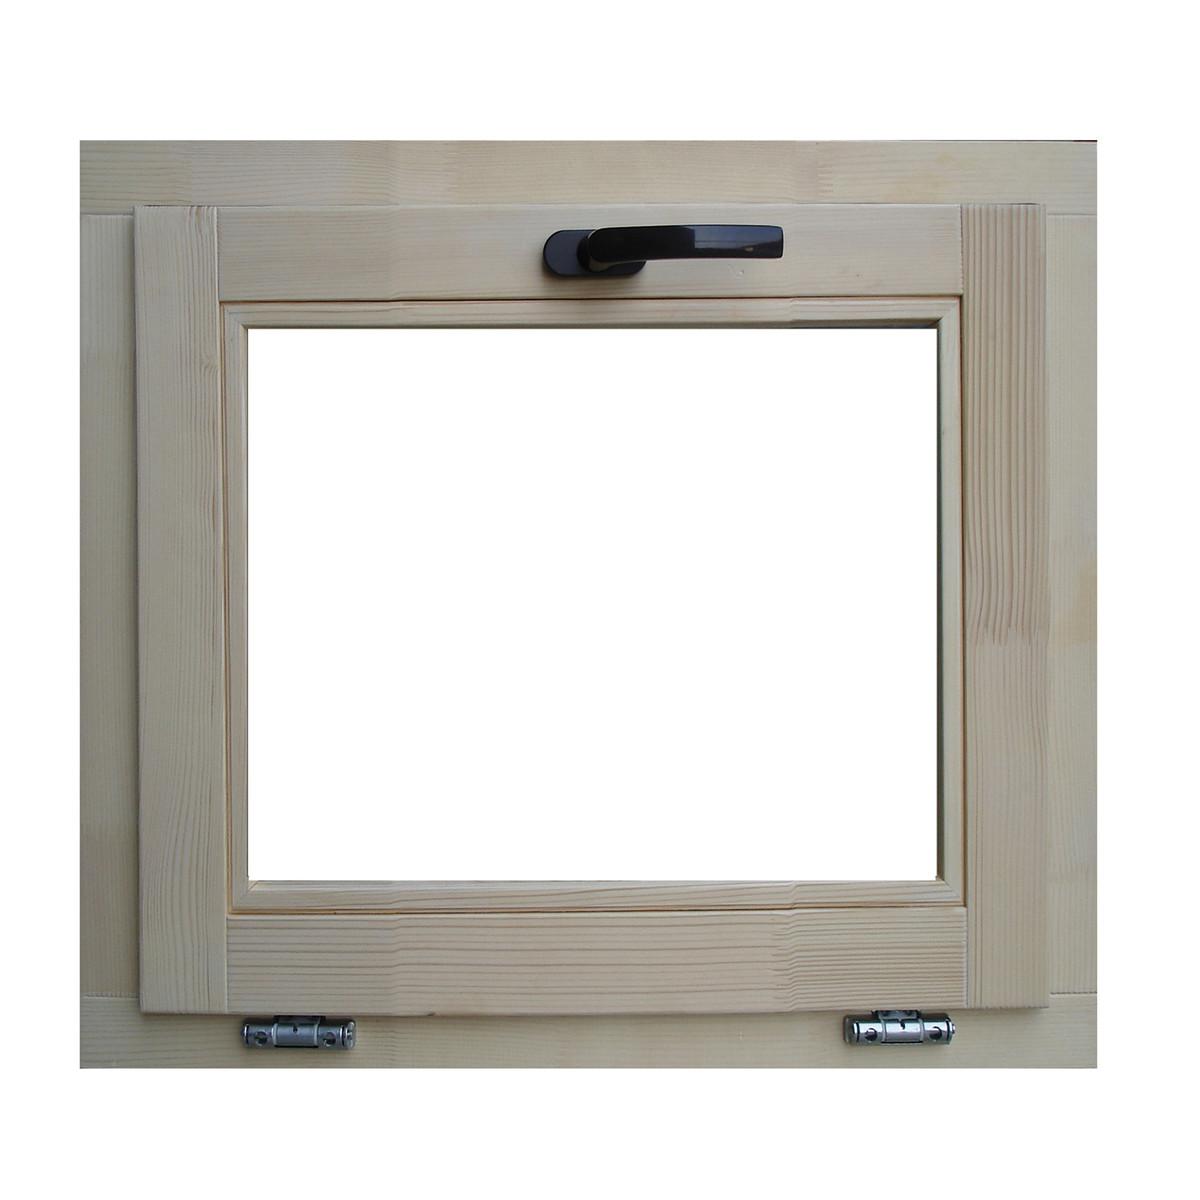 Miglior ventilatore finestra prezzo casa migliore - Finestre pvc economiche ...